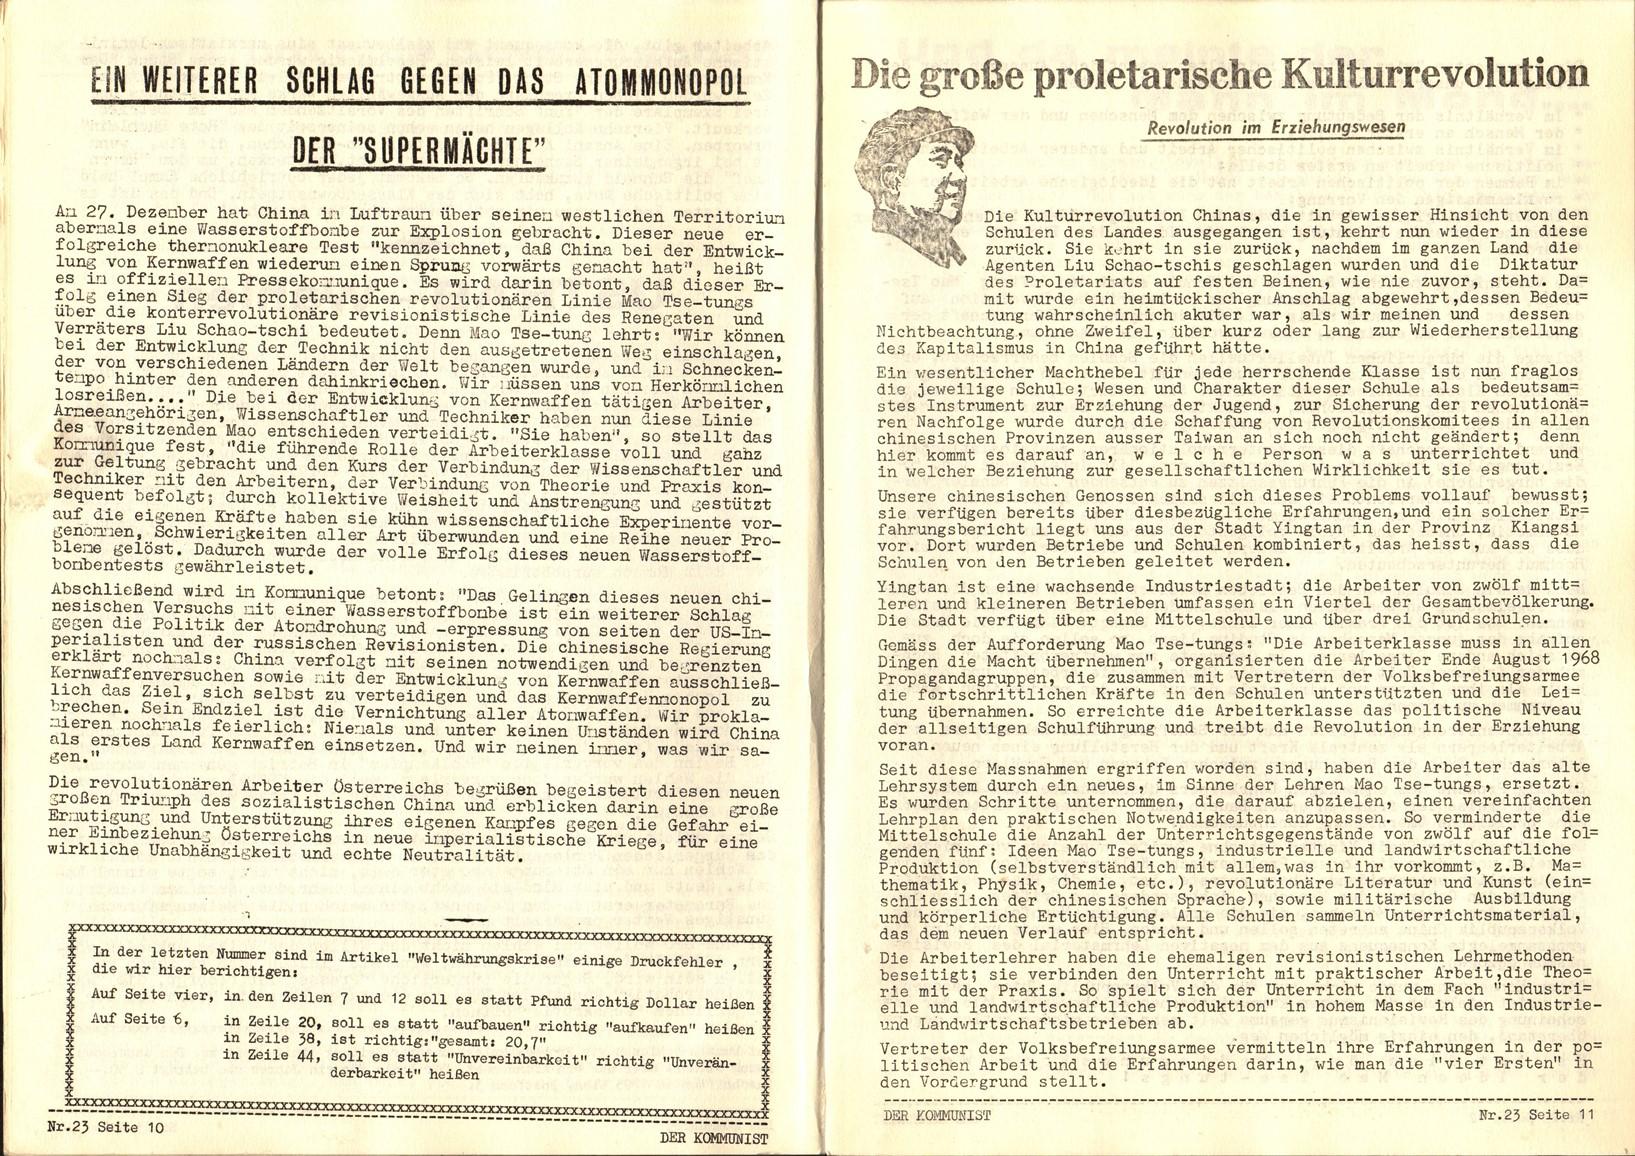 VRA_Der_Kommunist_19690100_06